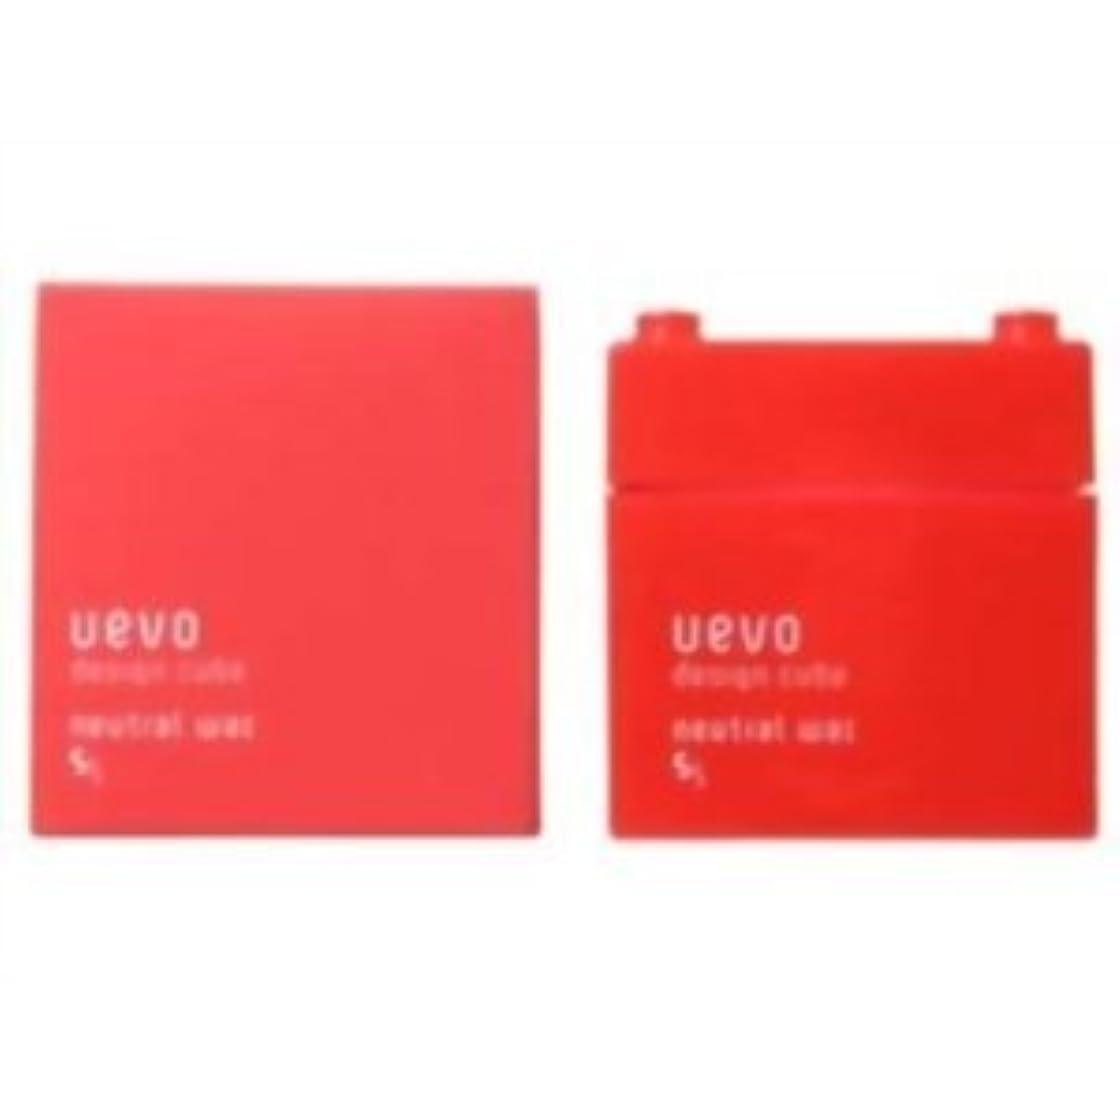 有彩色の修正大通り【X3個セット】 デミ ウェーボ デザインキューブ ニュートラルワックス 80g neutral wax DEMI uevo design cube